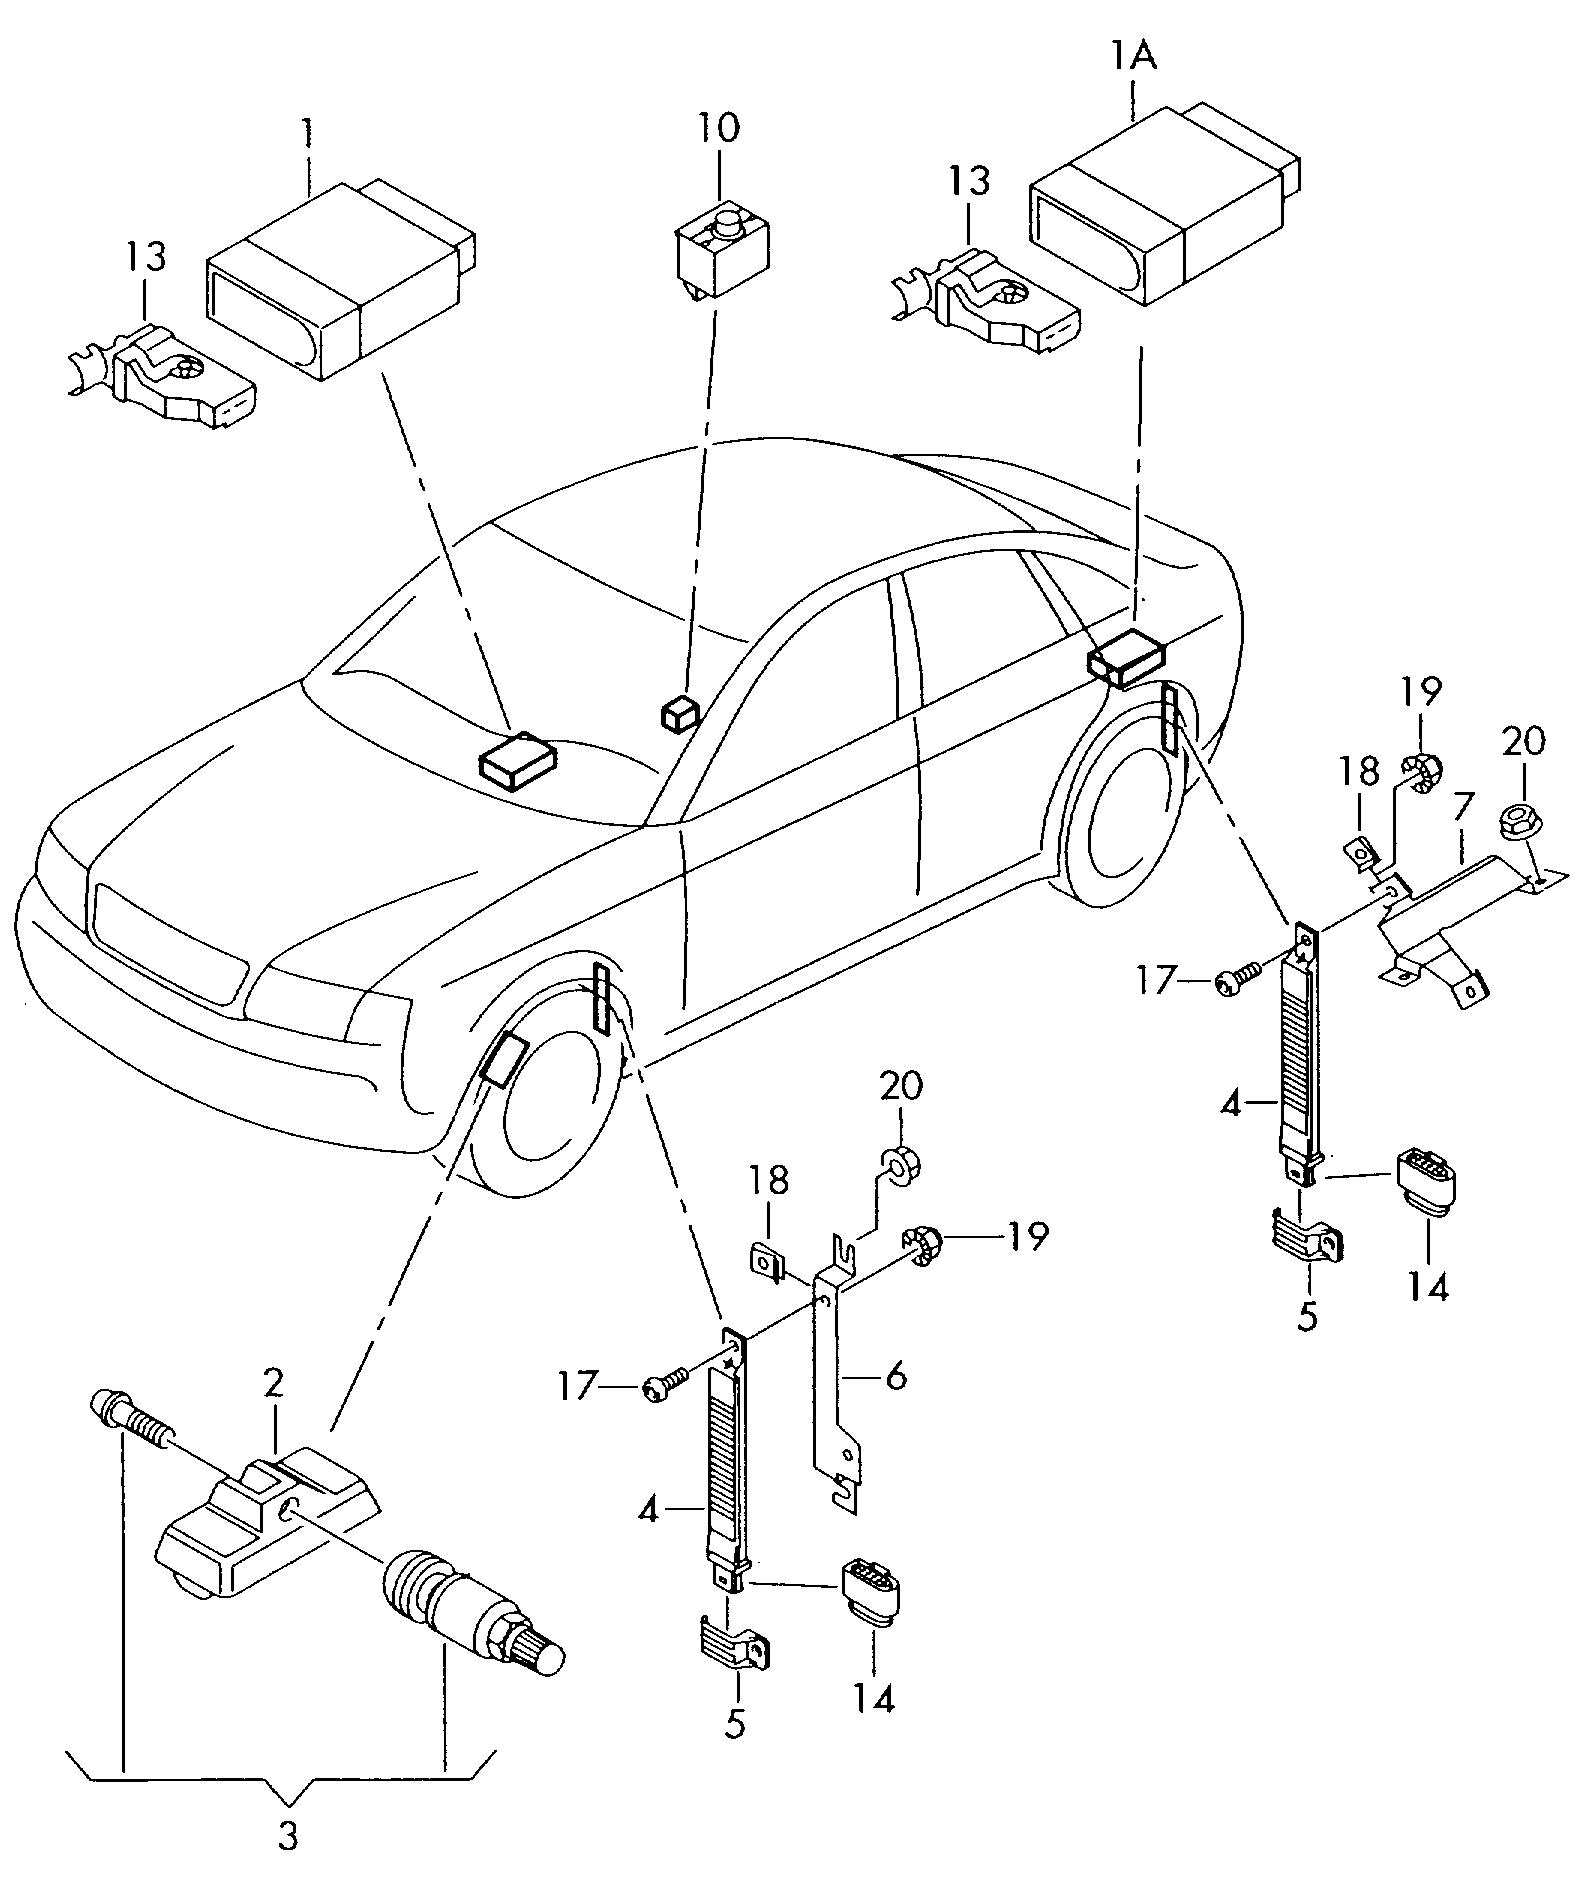 audi a6 allroad qu 2000 2005 tyre pressure control system Future Cars Audi A6 audi a6 allroad qu 2000 2005 vag etka